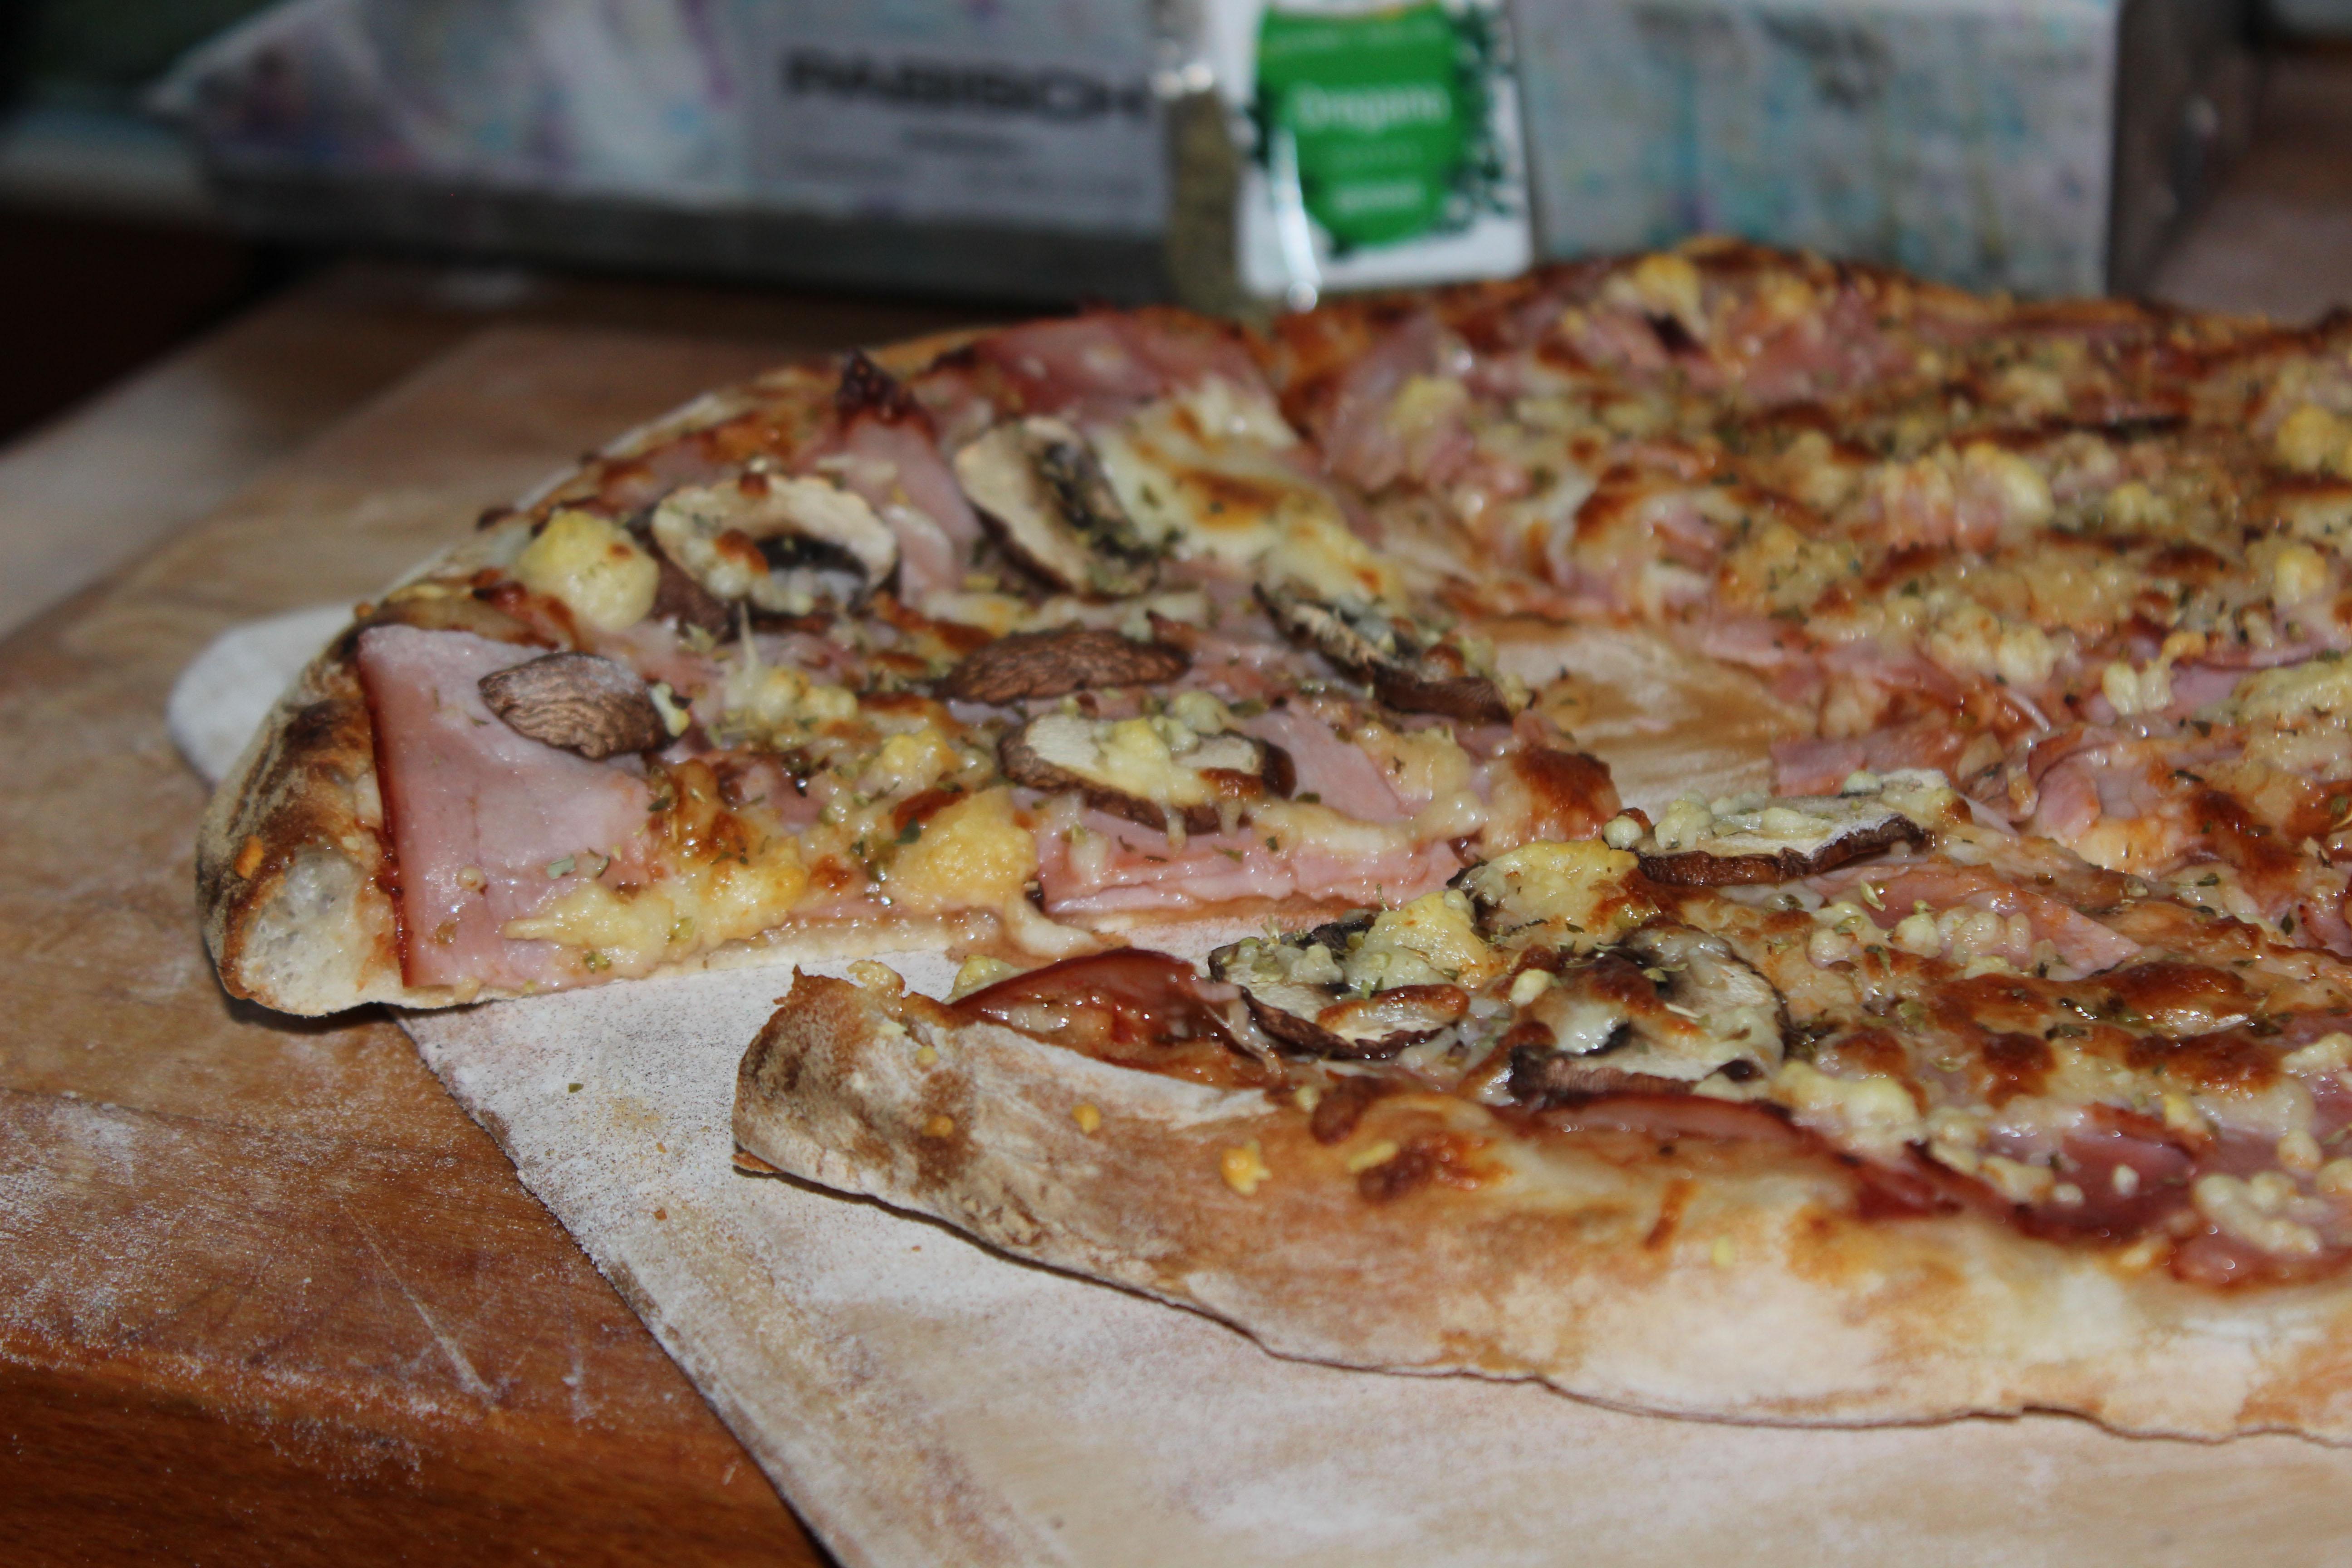 Schinkenpizza mit Pilzen - unter Fremdsprachlern auch Prosciutto e Funghi genannt.